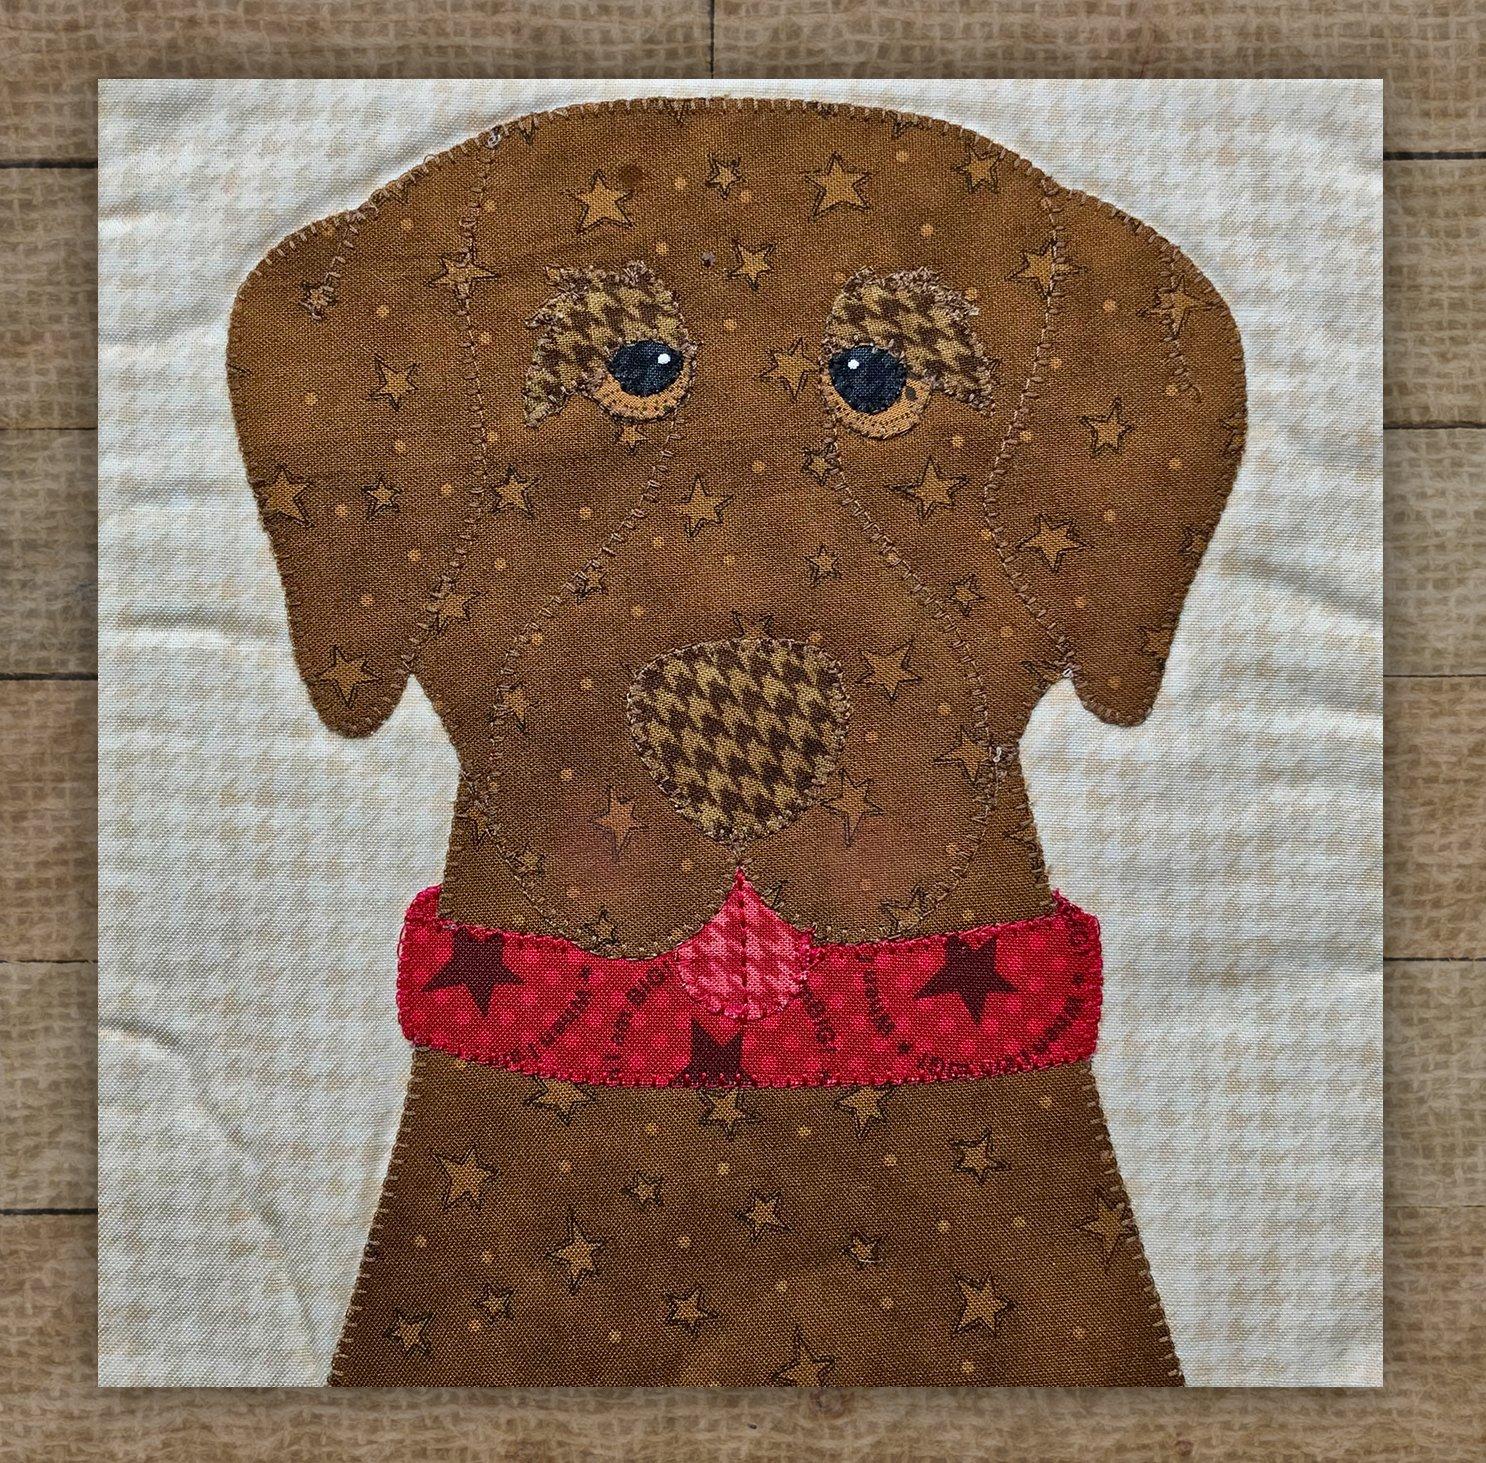 Labrador Retriever (Chocolate) Precut Fused Applique Kit